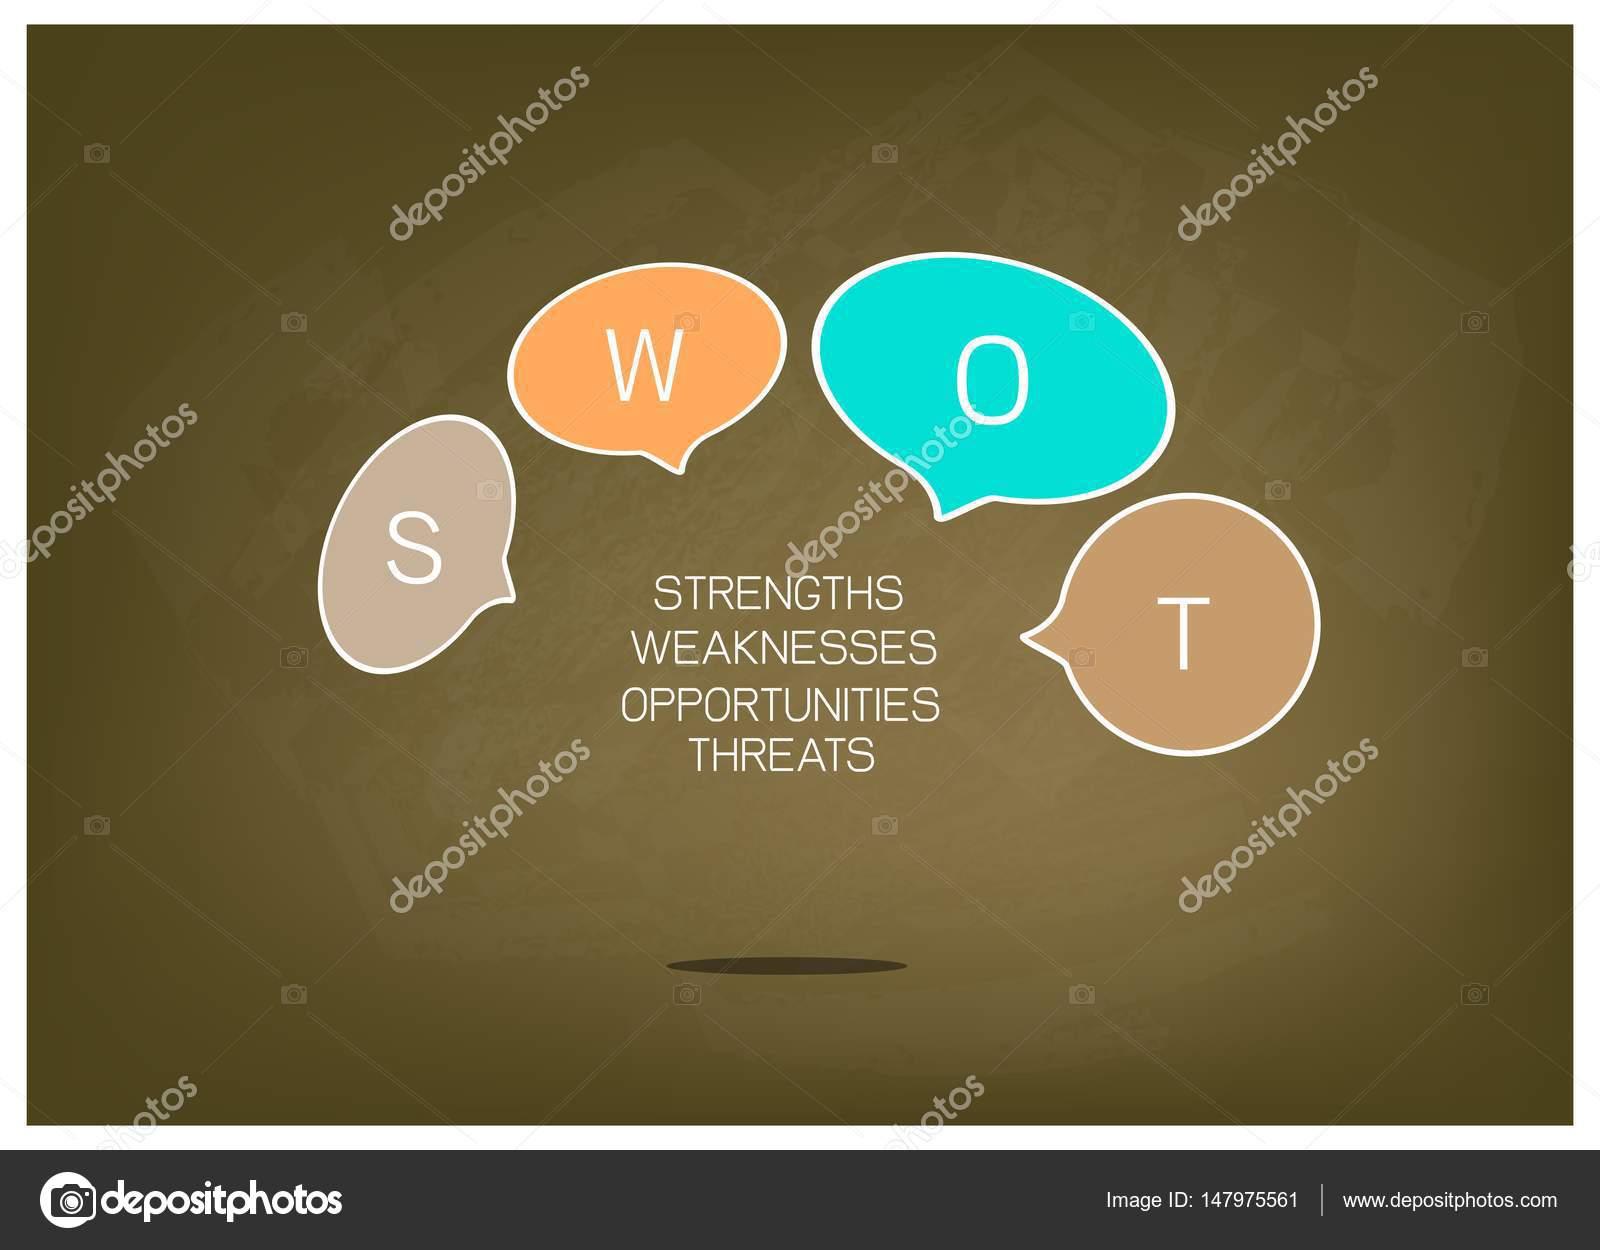 Stratejinin ilgili olduğu alanlar